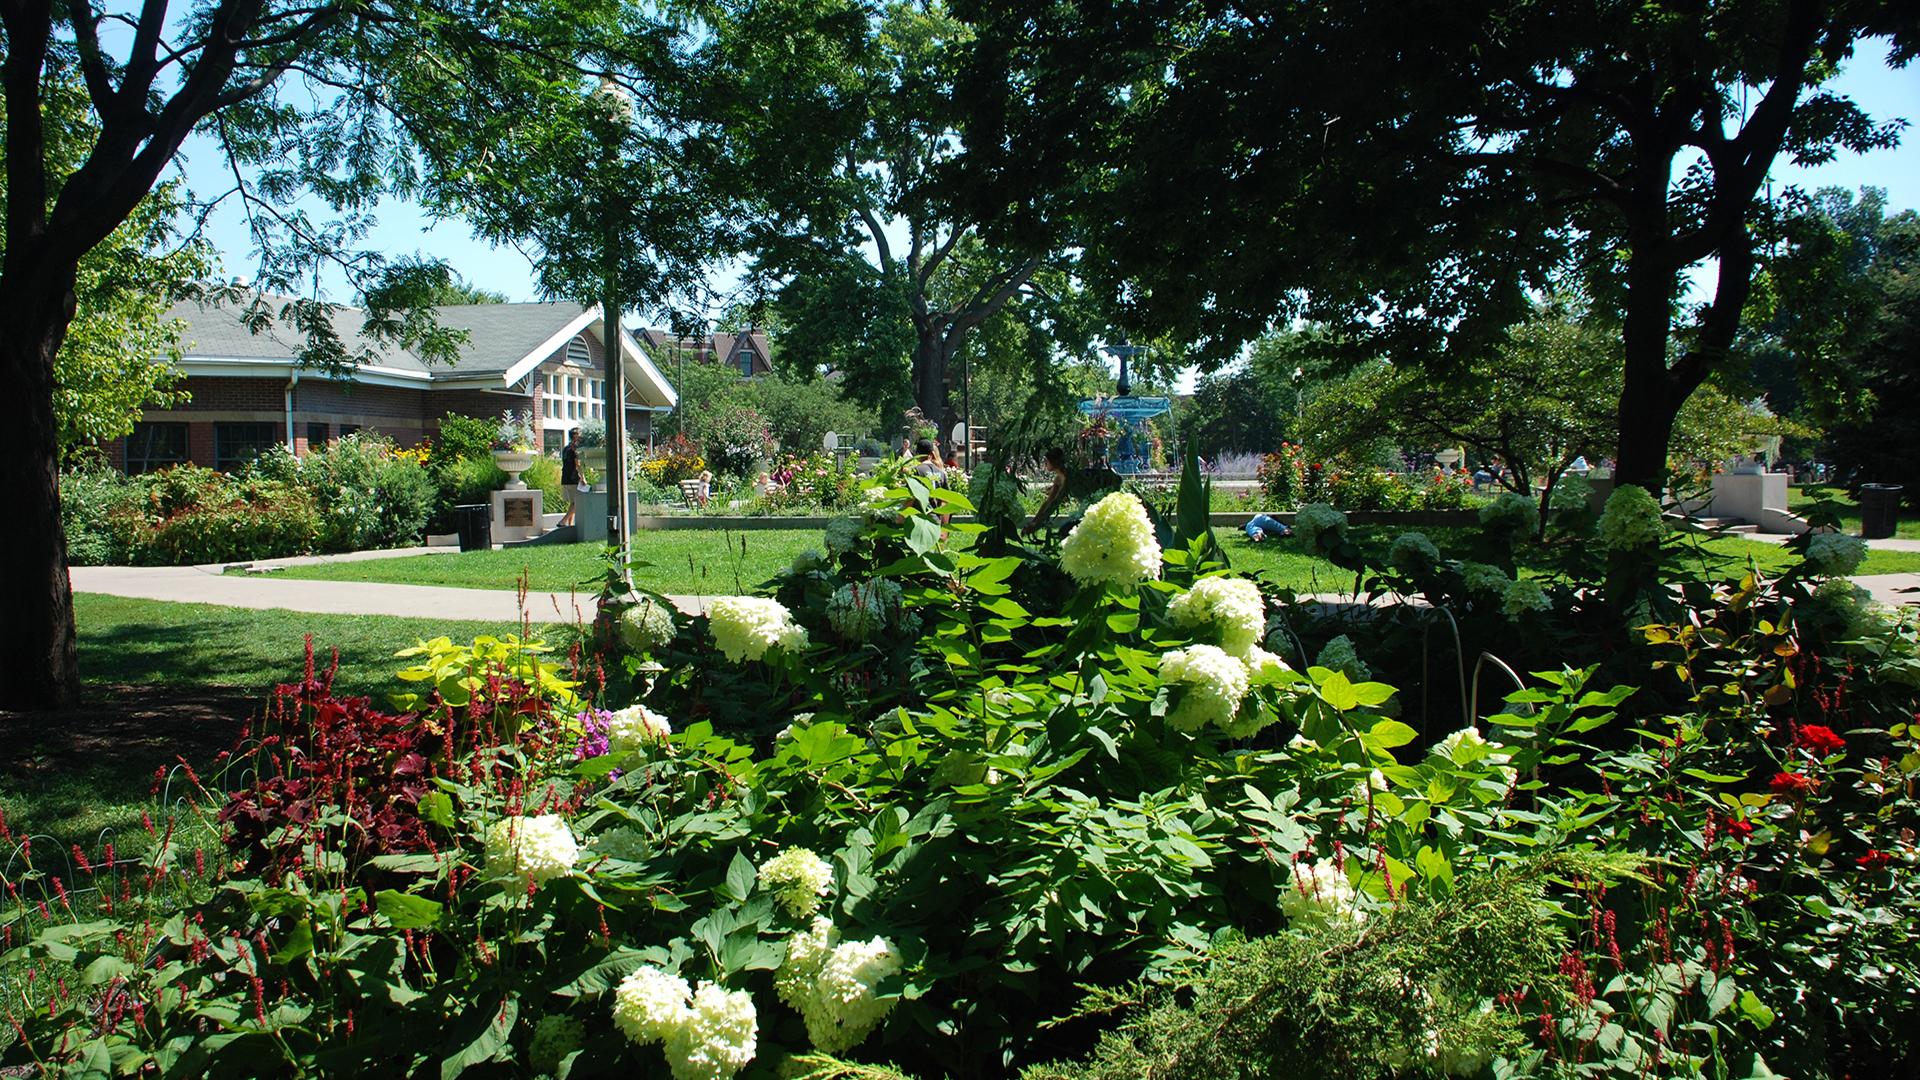 Wicker Park Advisory Council Historic Park U0026 Garden Tours 1920X1080